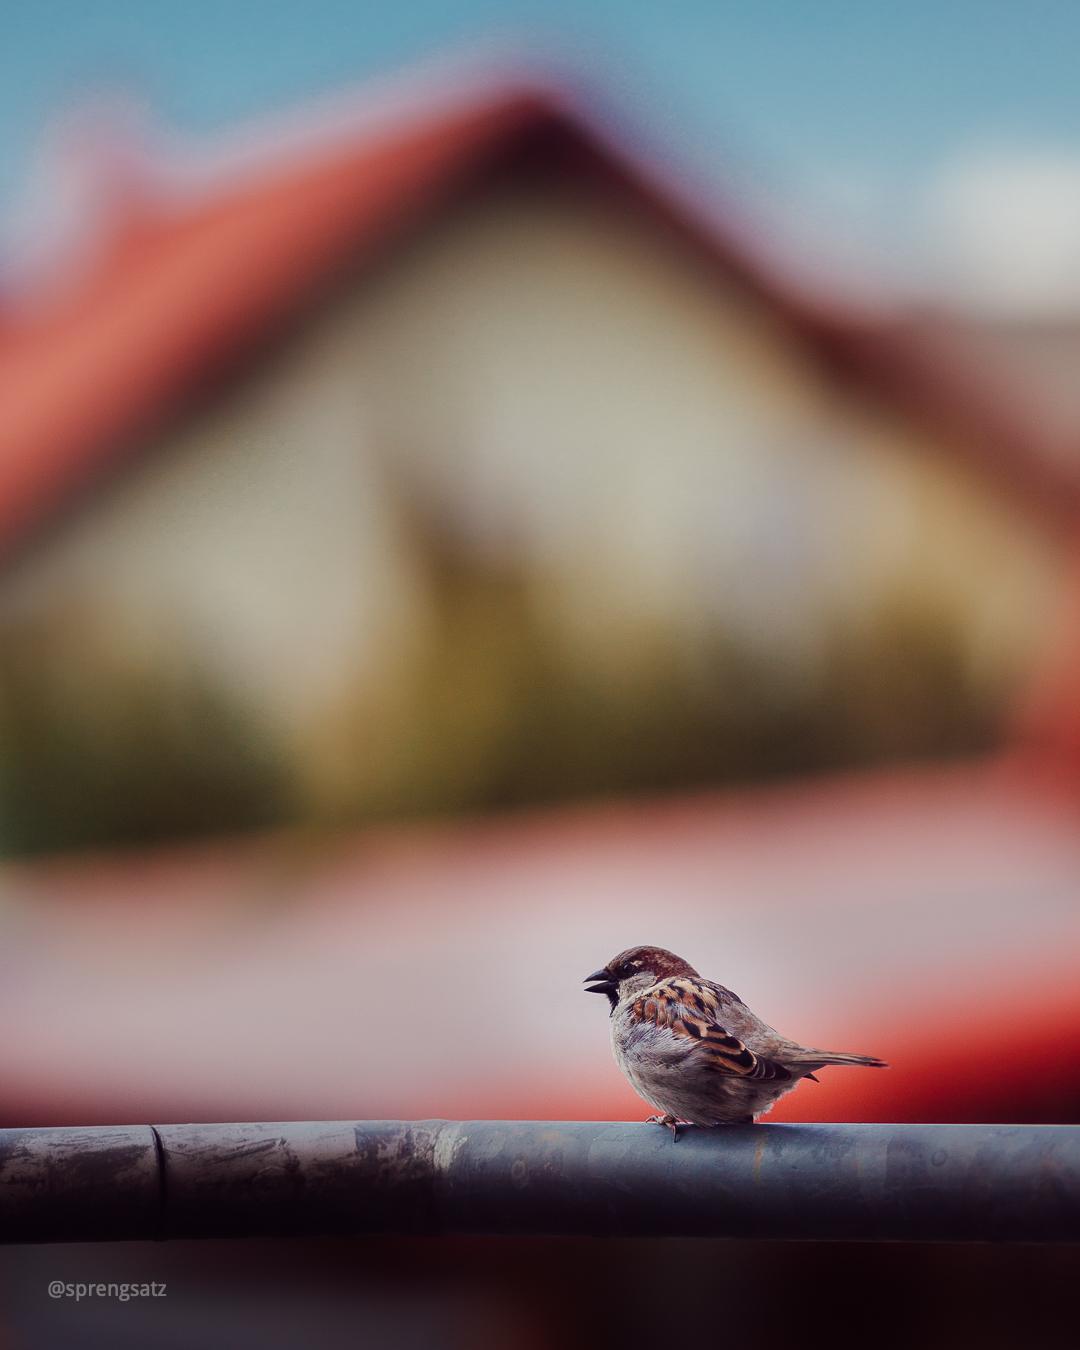 Ein Vogel sitzt auf einem Geländer